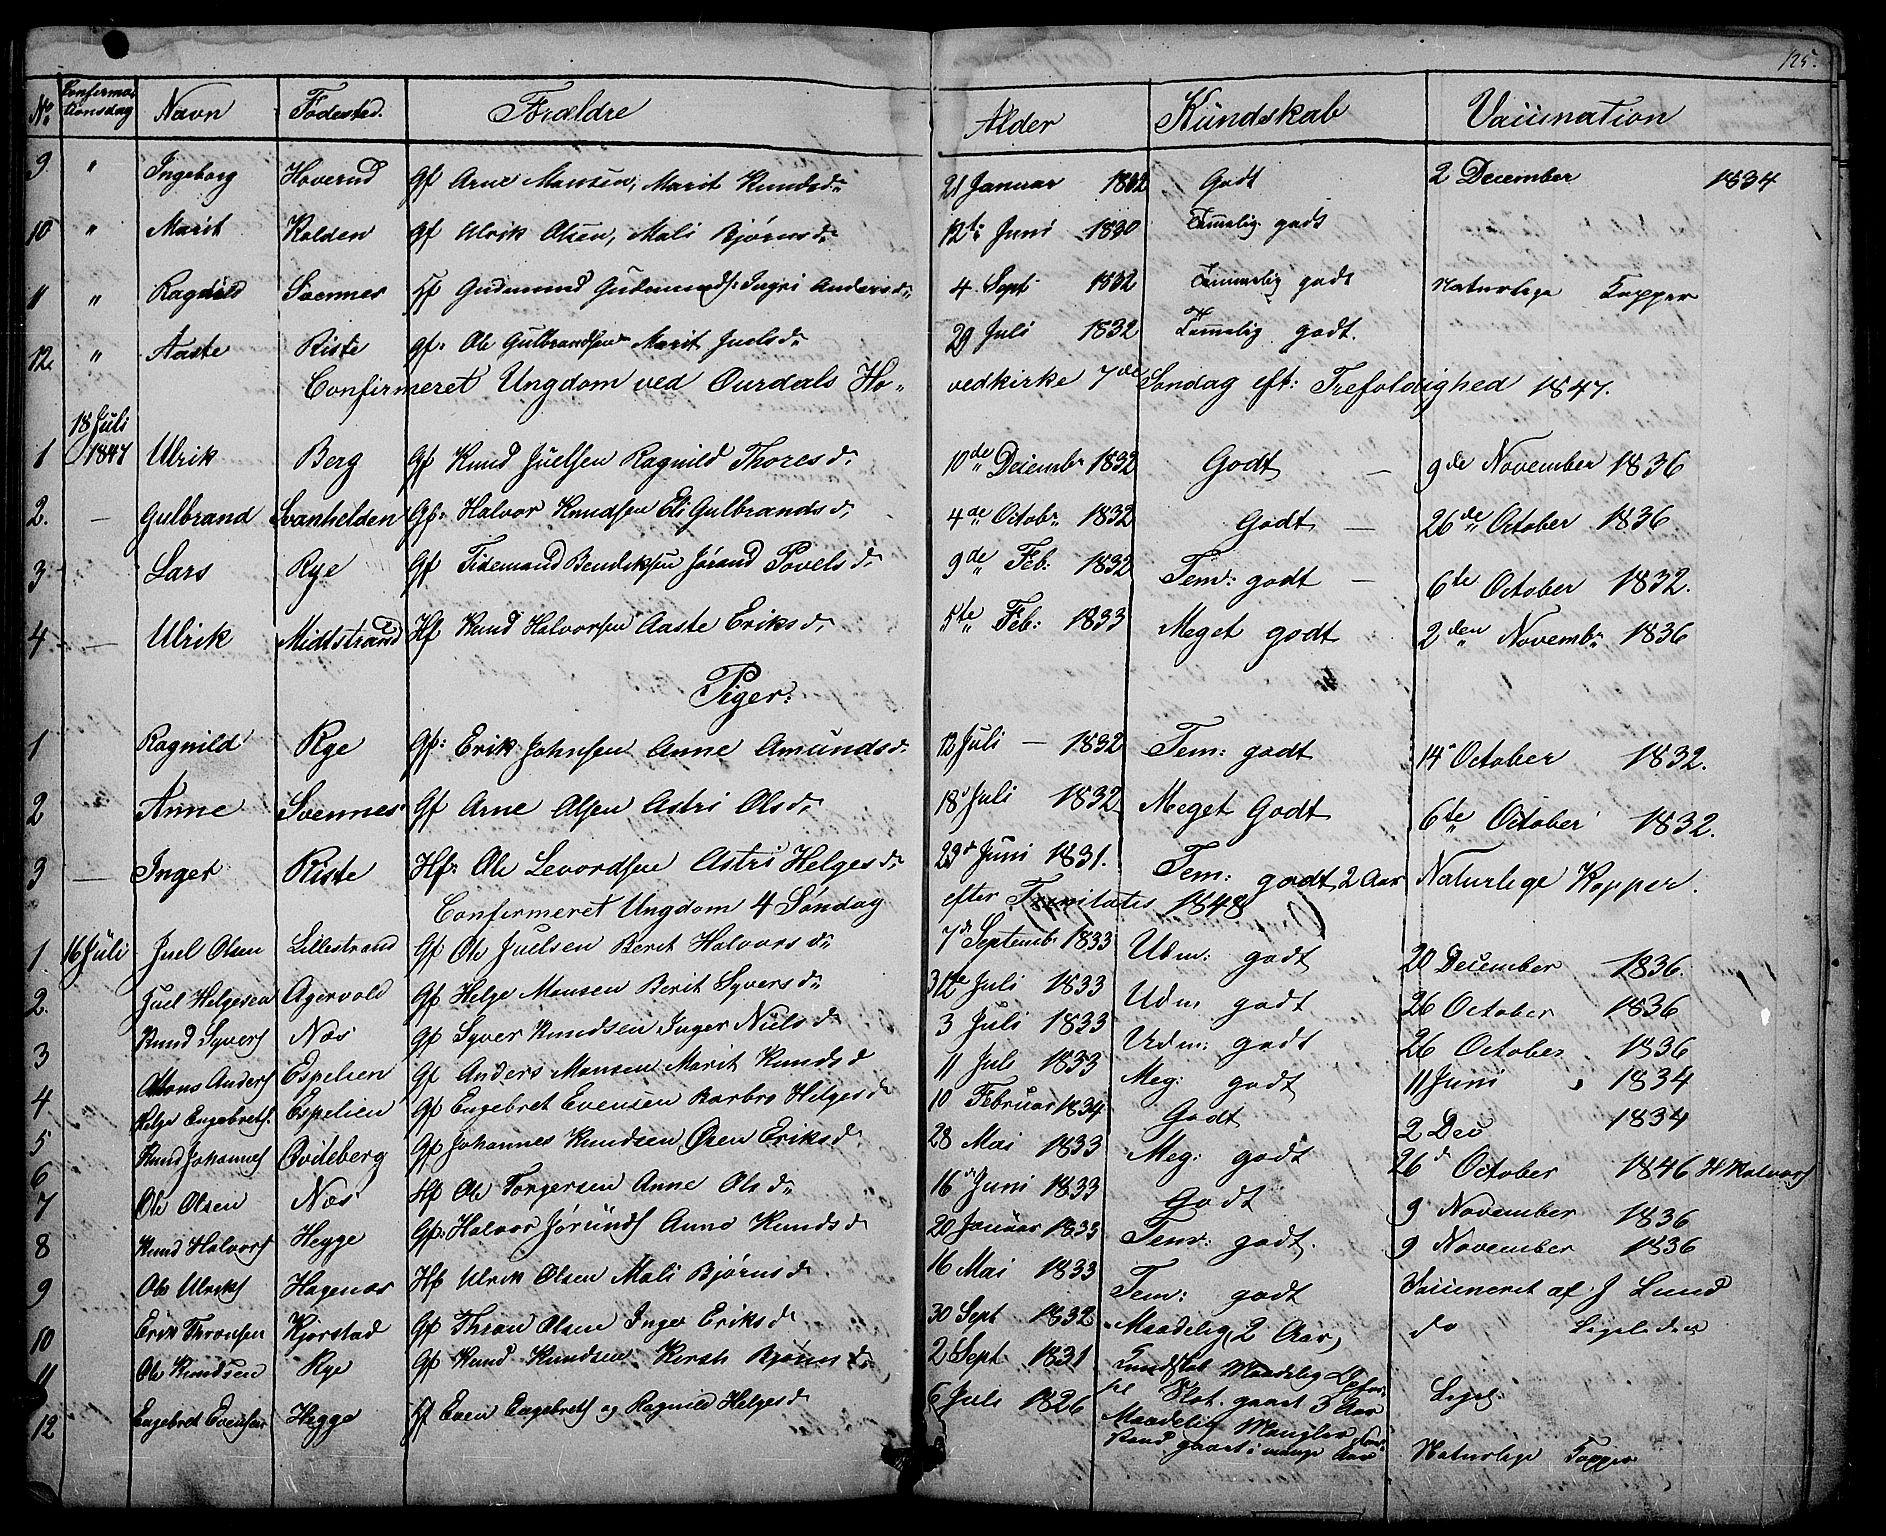 SAH, Nord-Aurdal prestekontor, Klokkerbok nr. 3, 1842-1882, s. 125